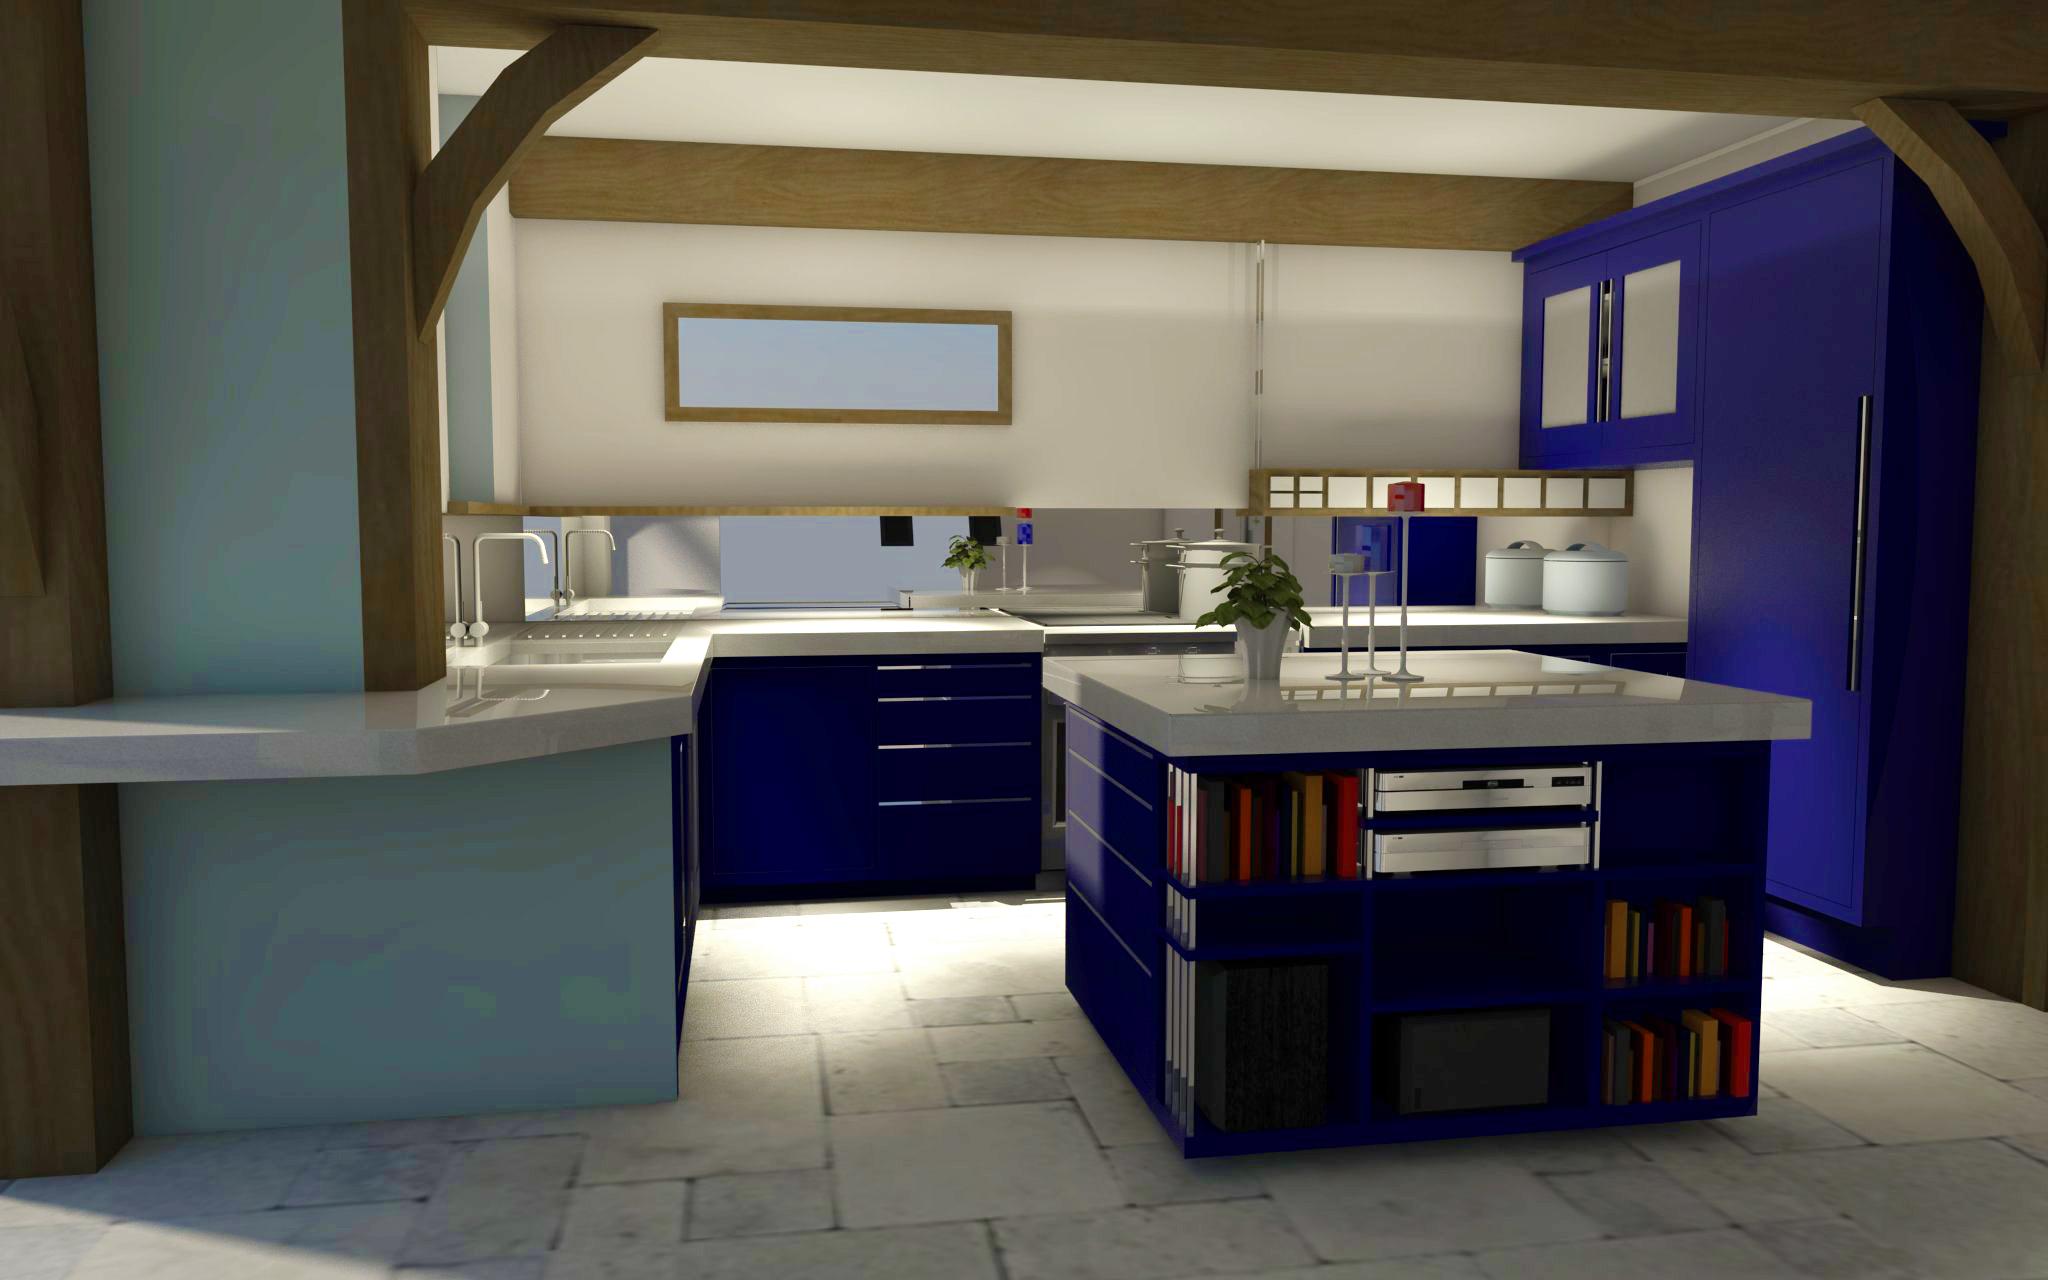 modern kitchen design interior 3D visualisation somerset